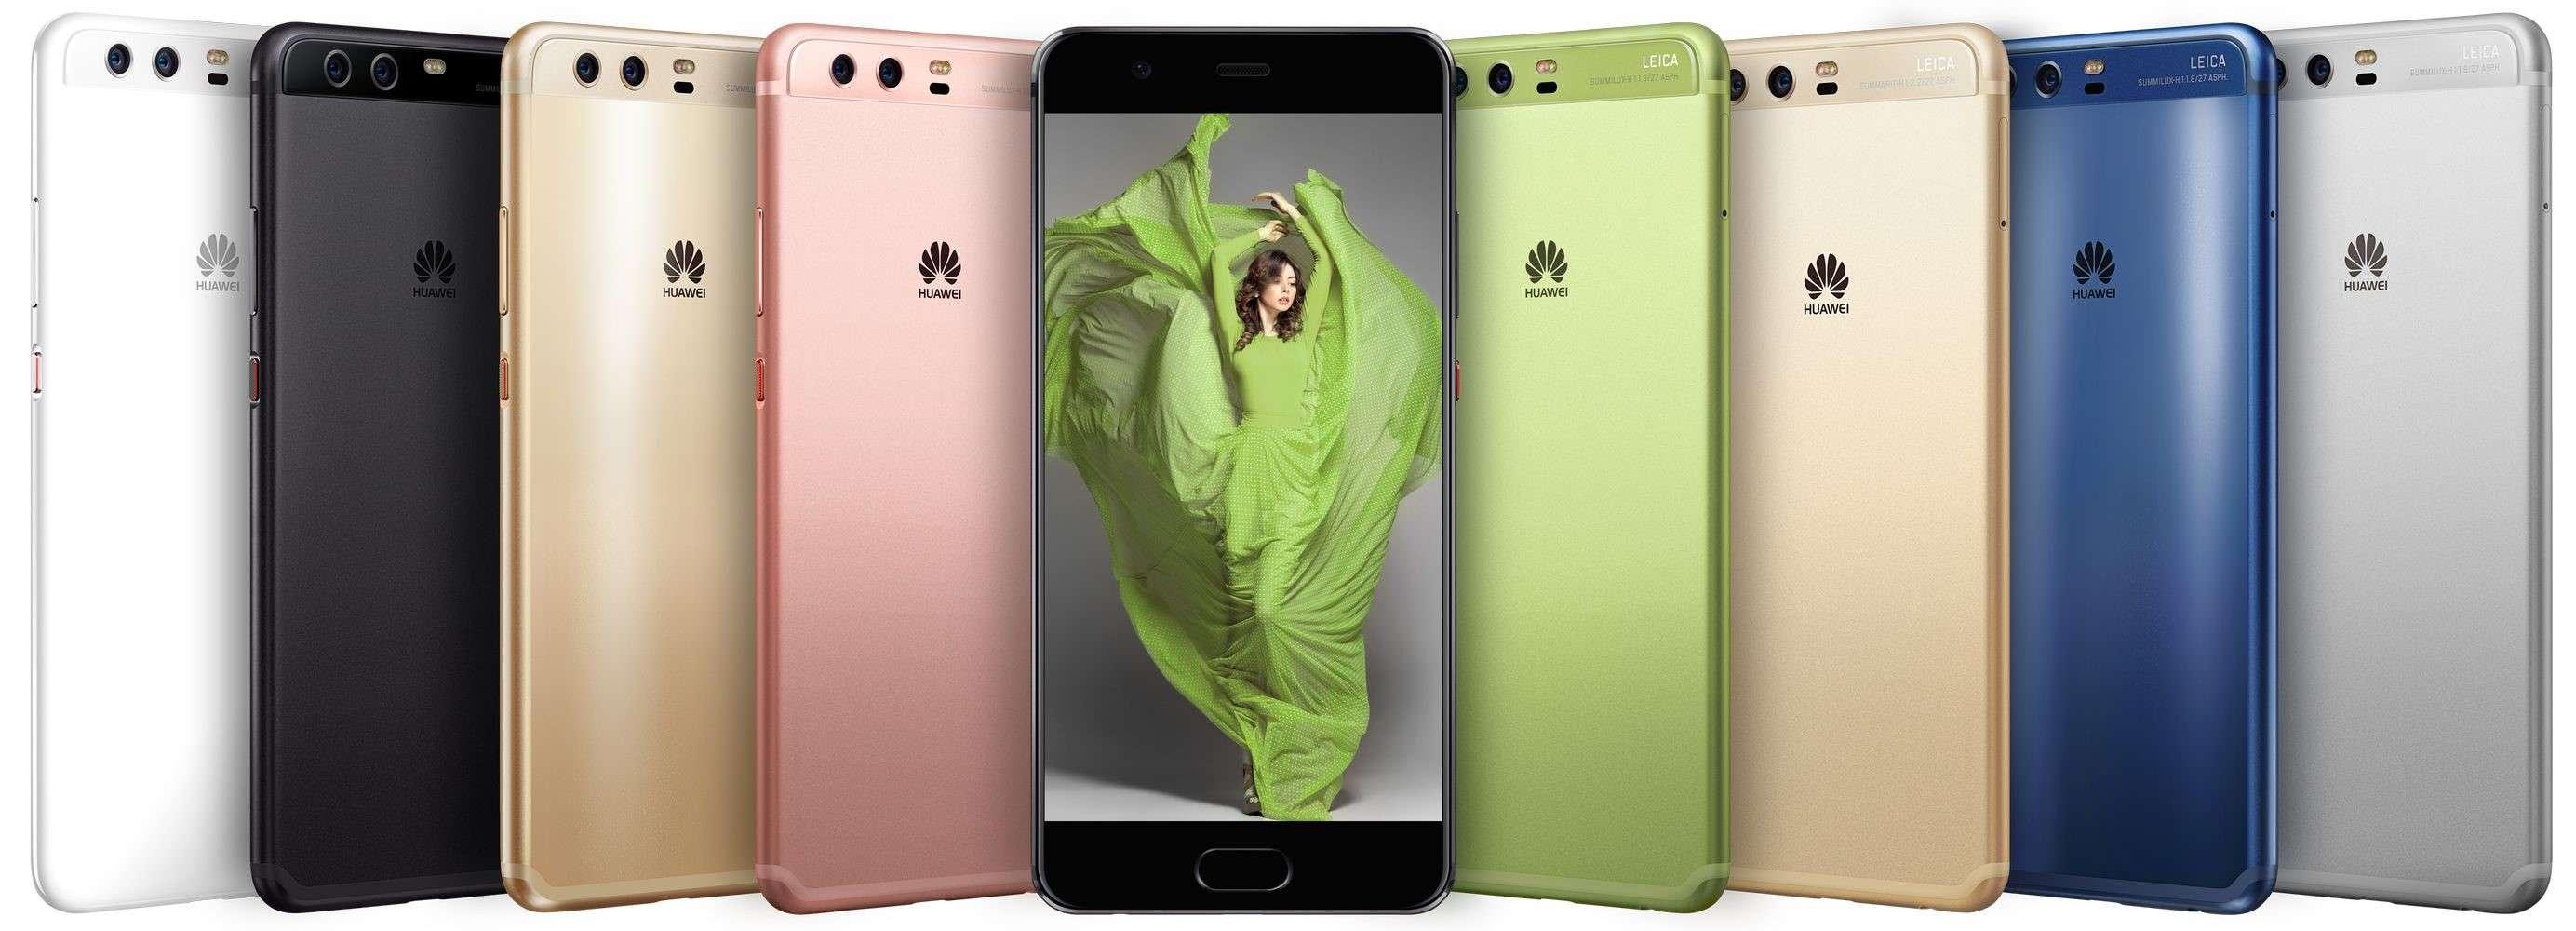 Huawei p10 lite – відмінний смартфон за дуже приємною ціною